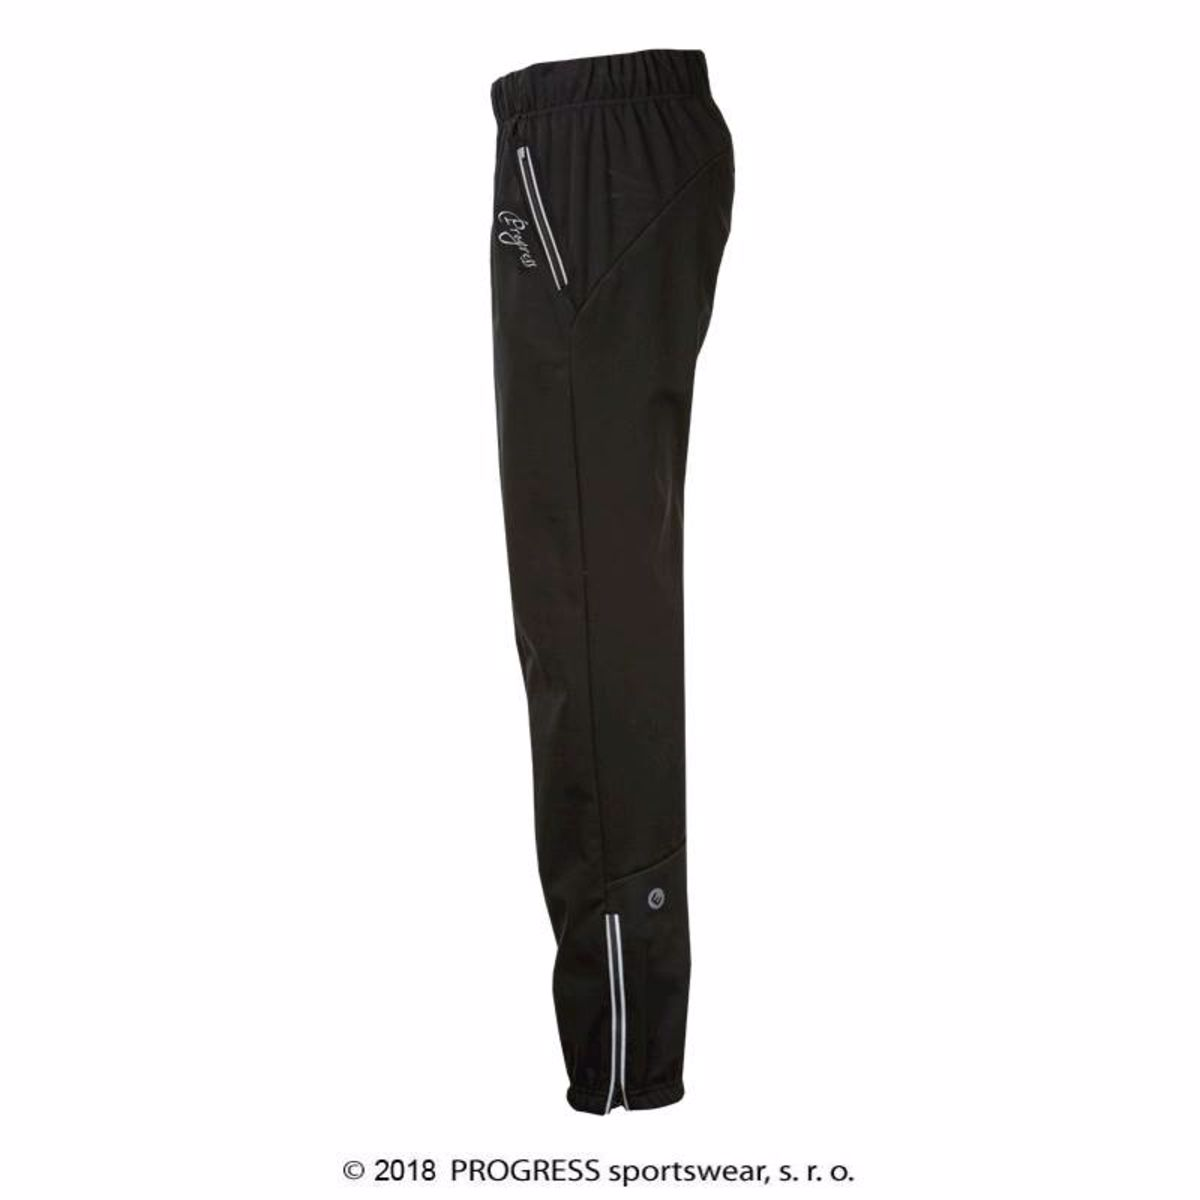 4a50358ce788 Progress OS SKADI dámske softshellové nohavice. OS SKADI nohavice ženy OS  SKADI nohavice ženy. Zavrieť. OS ...